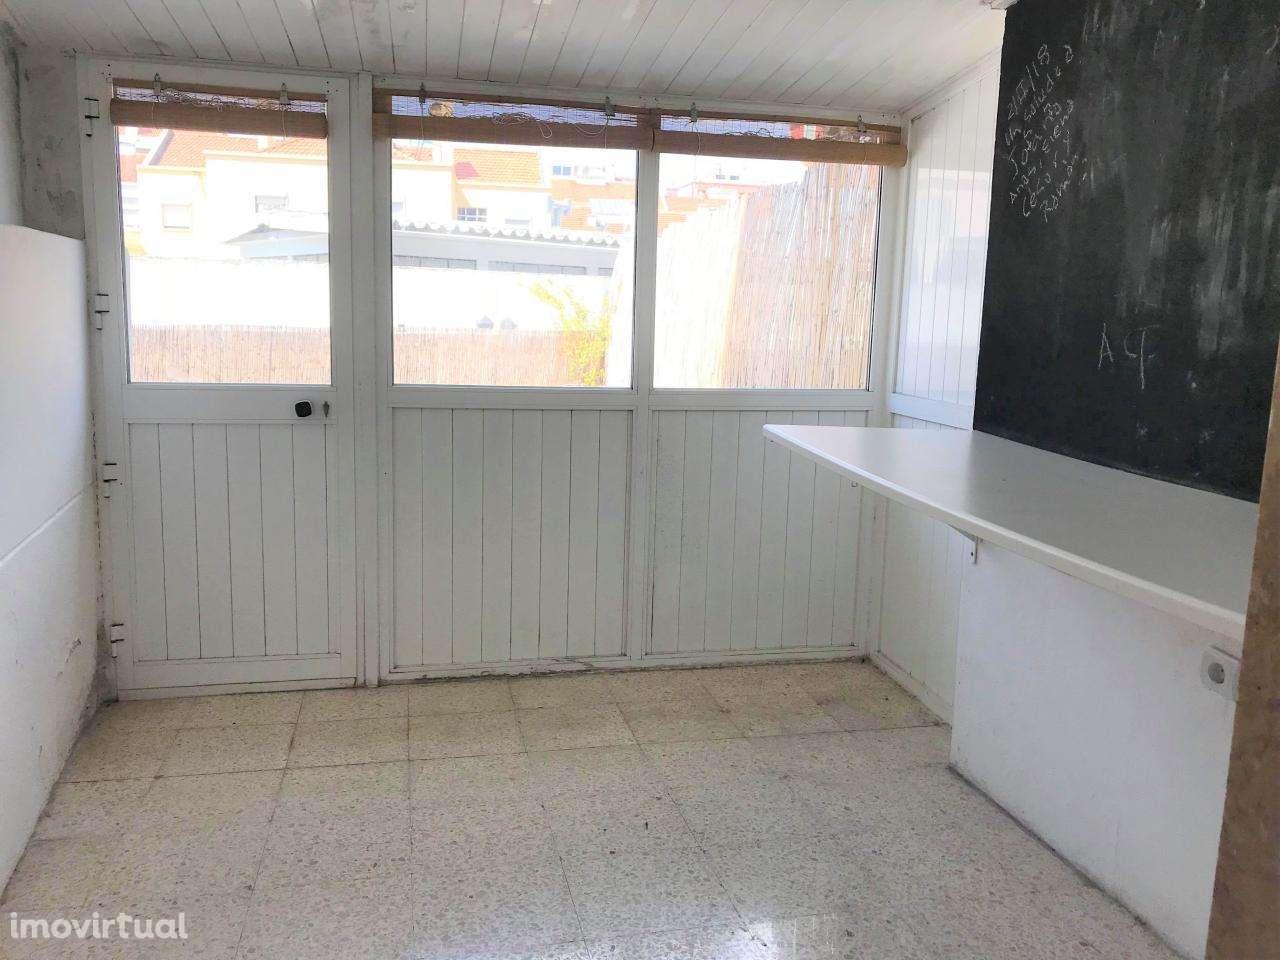 Apartamento para comprar, Campo de Ourique, Lisboa - Foto 4